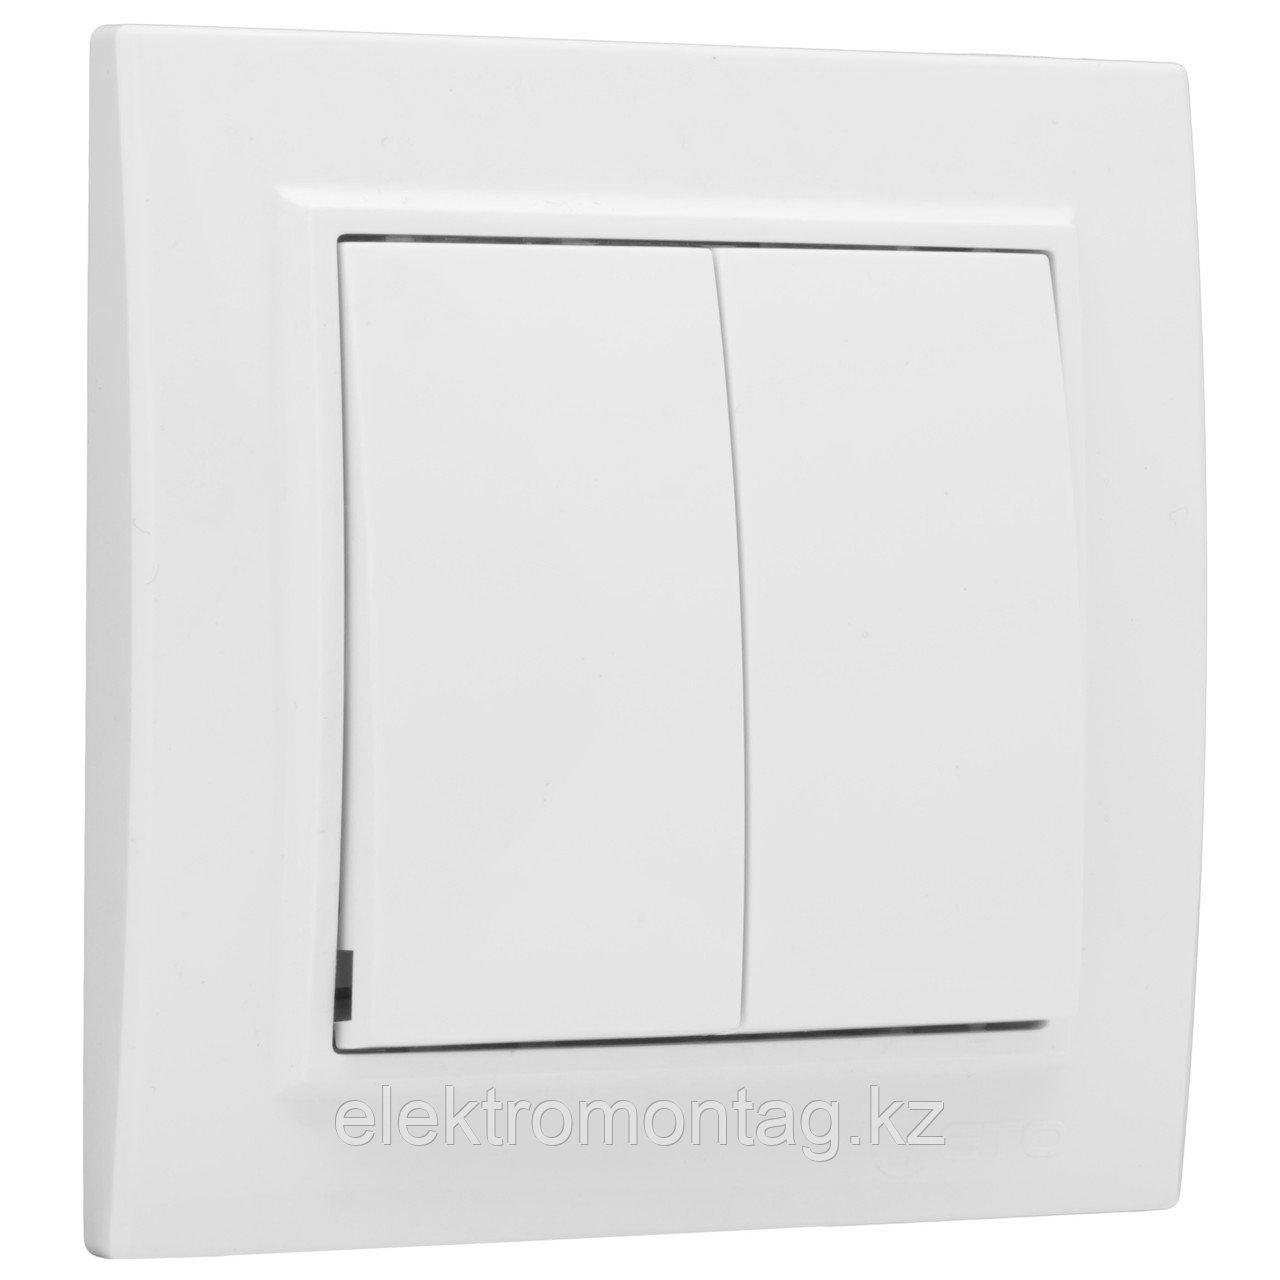 Выключатель Минск  2-клавишный СП,10А, белый EKF Basic